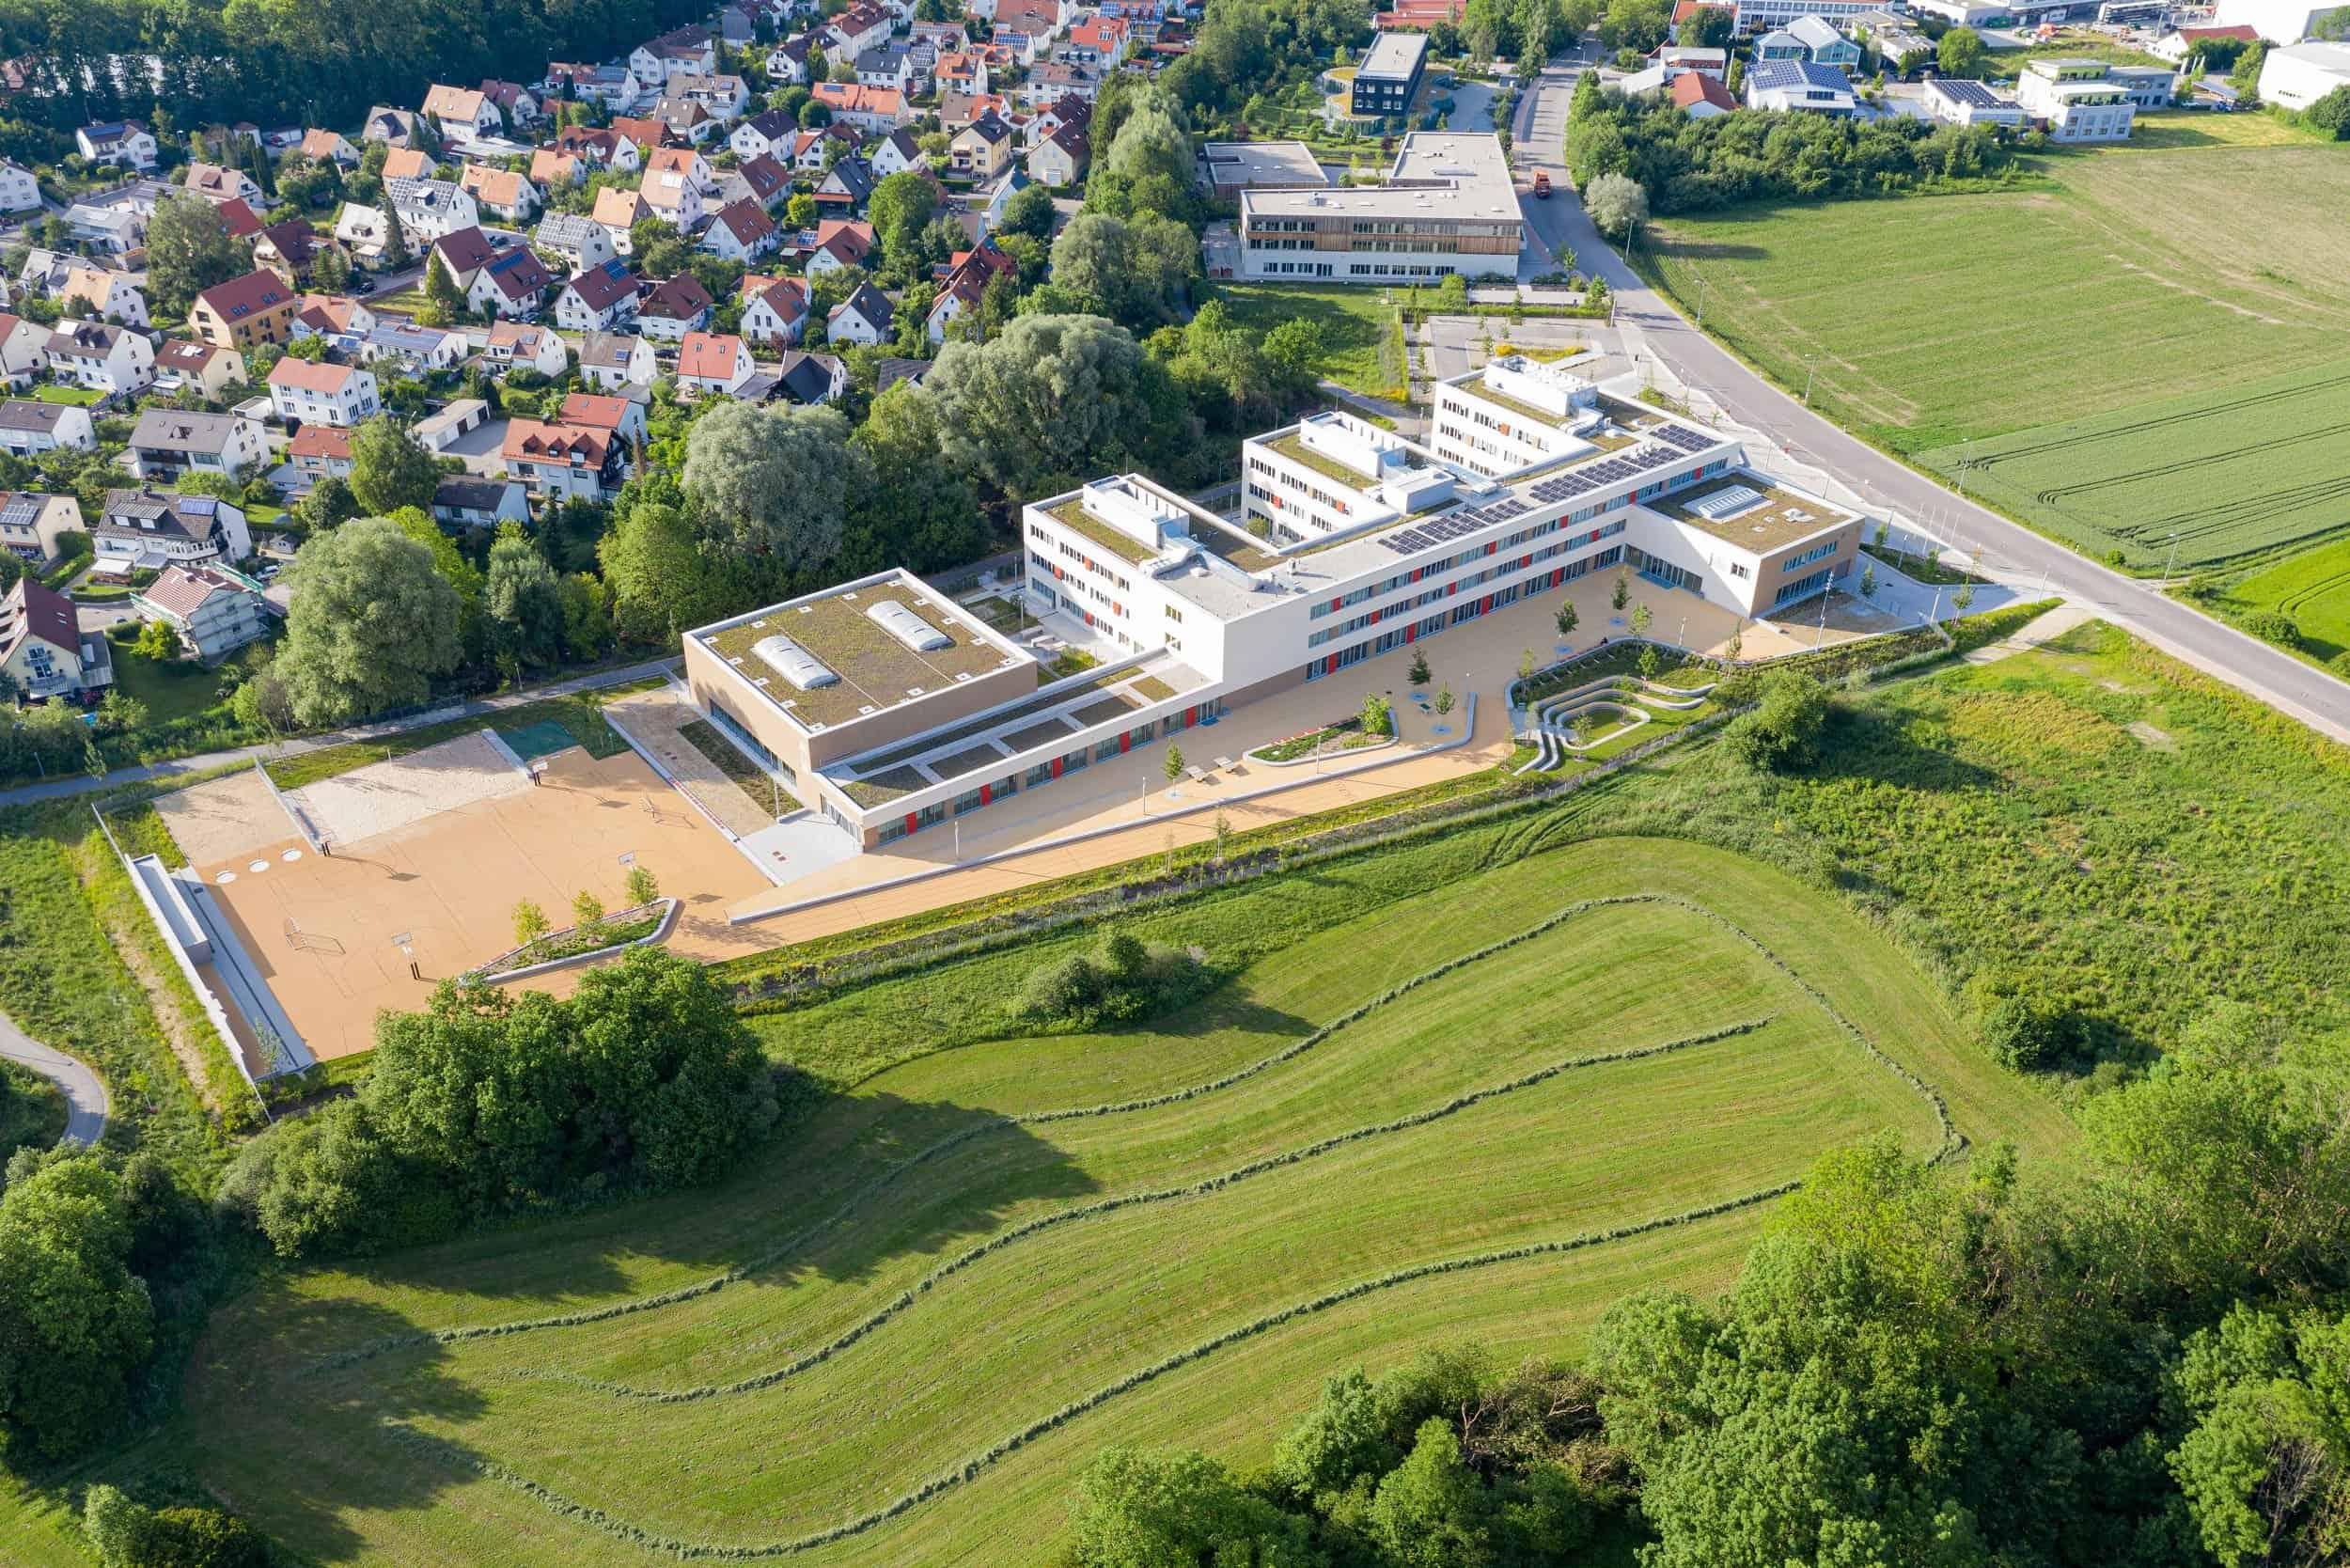 Bild: Blick aus der Vogelperspektive auf die Realschule Freising, Foto: ver.de landschaftsarchitektur